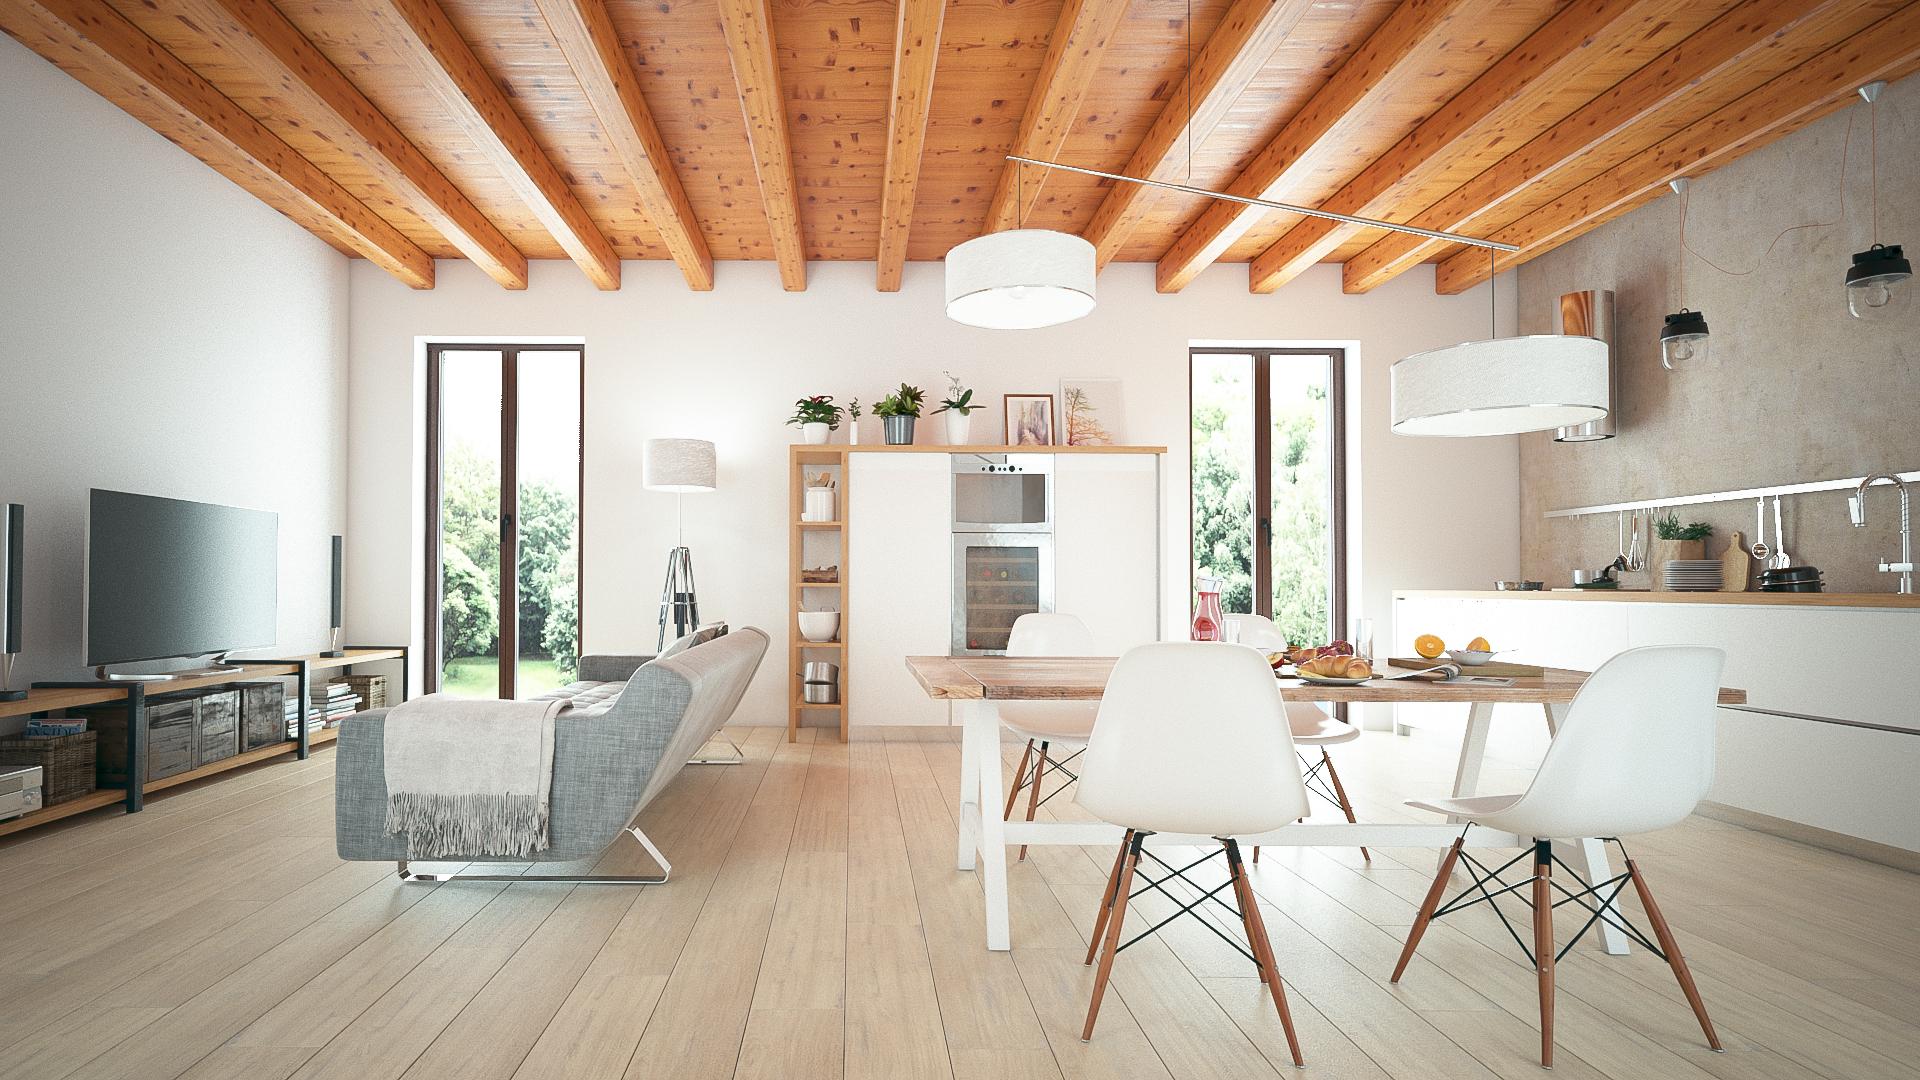 Interno arredamento futura casa w i p work in for Portale arredamento